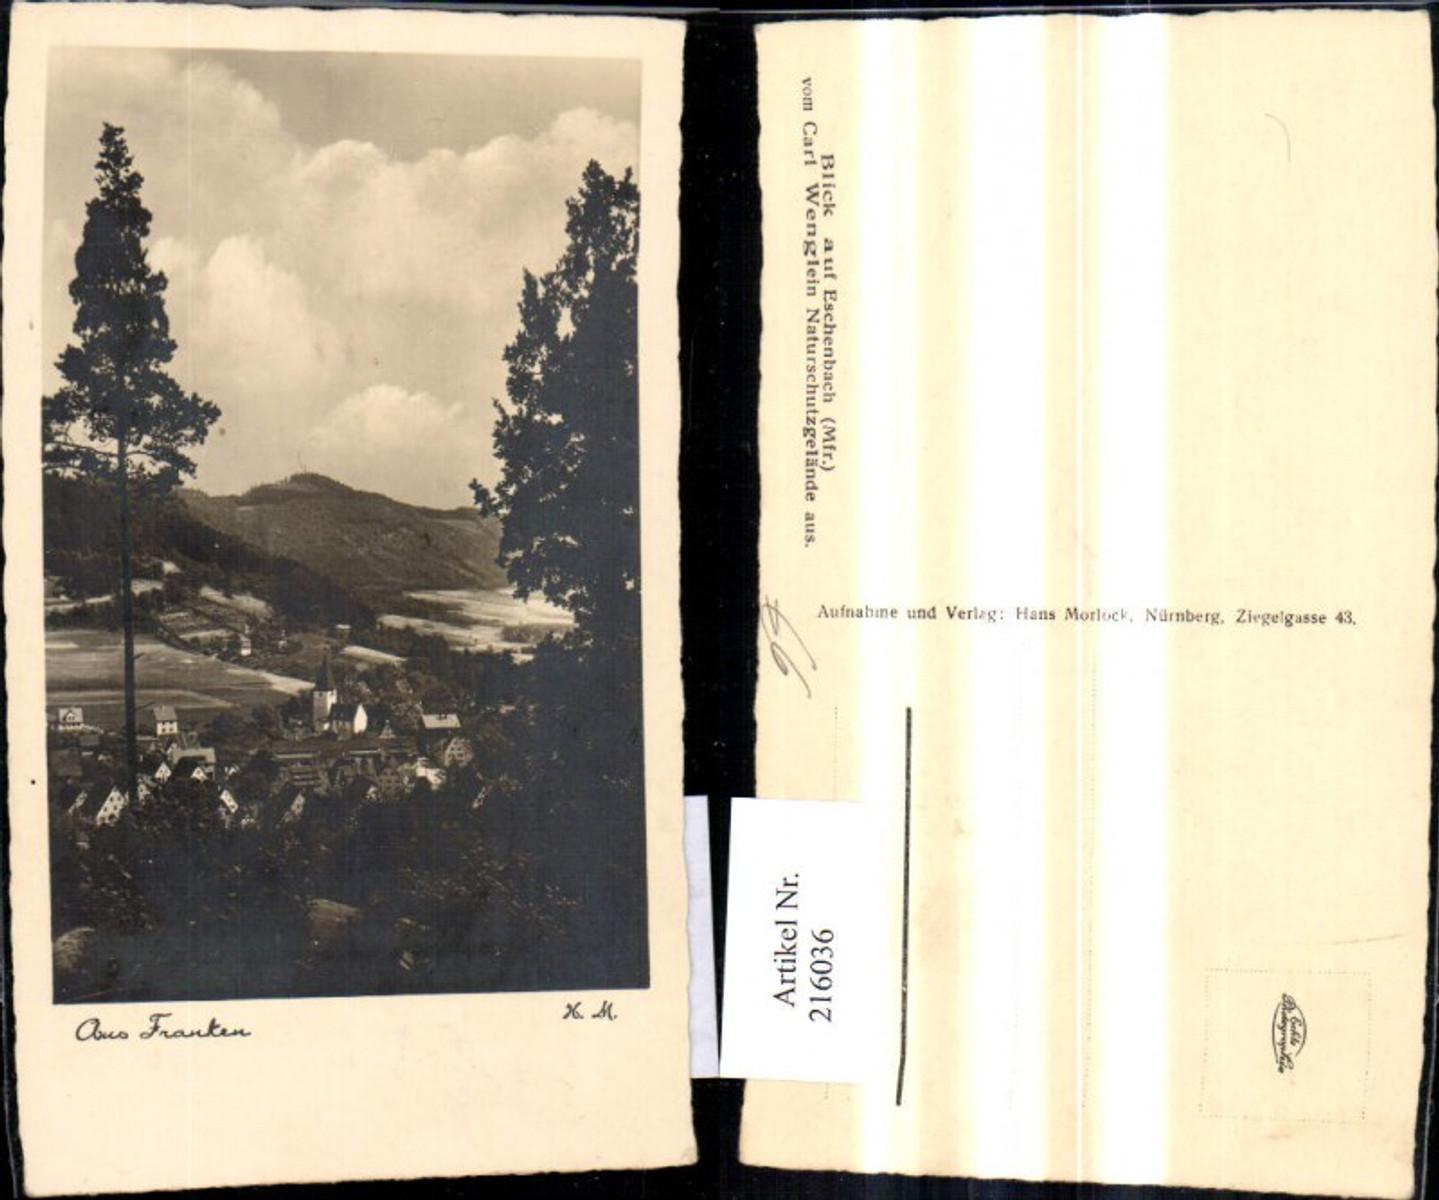 216036,Foto Ak Aus Franken Blick a. Eschenbach  günstig online kaufen